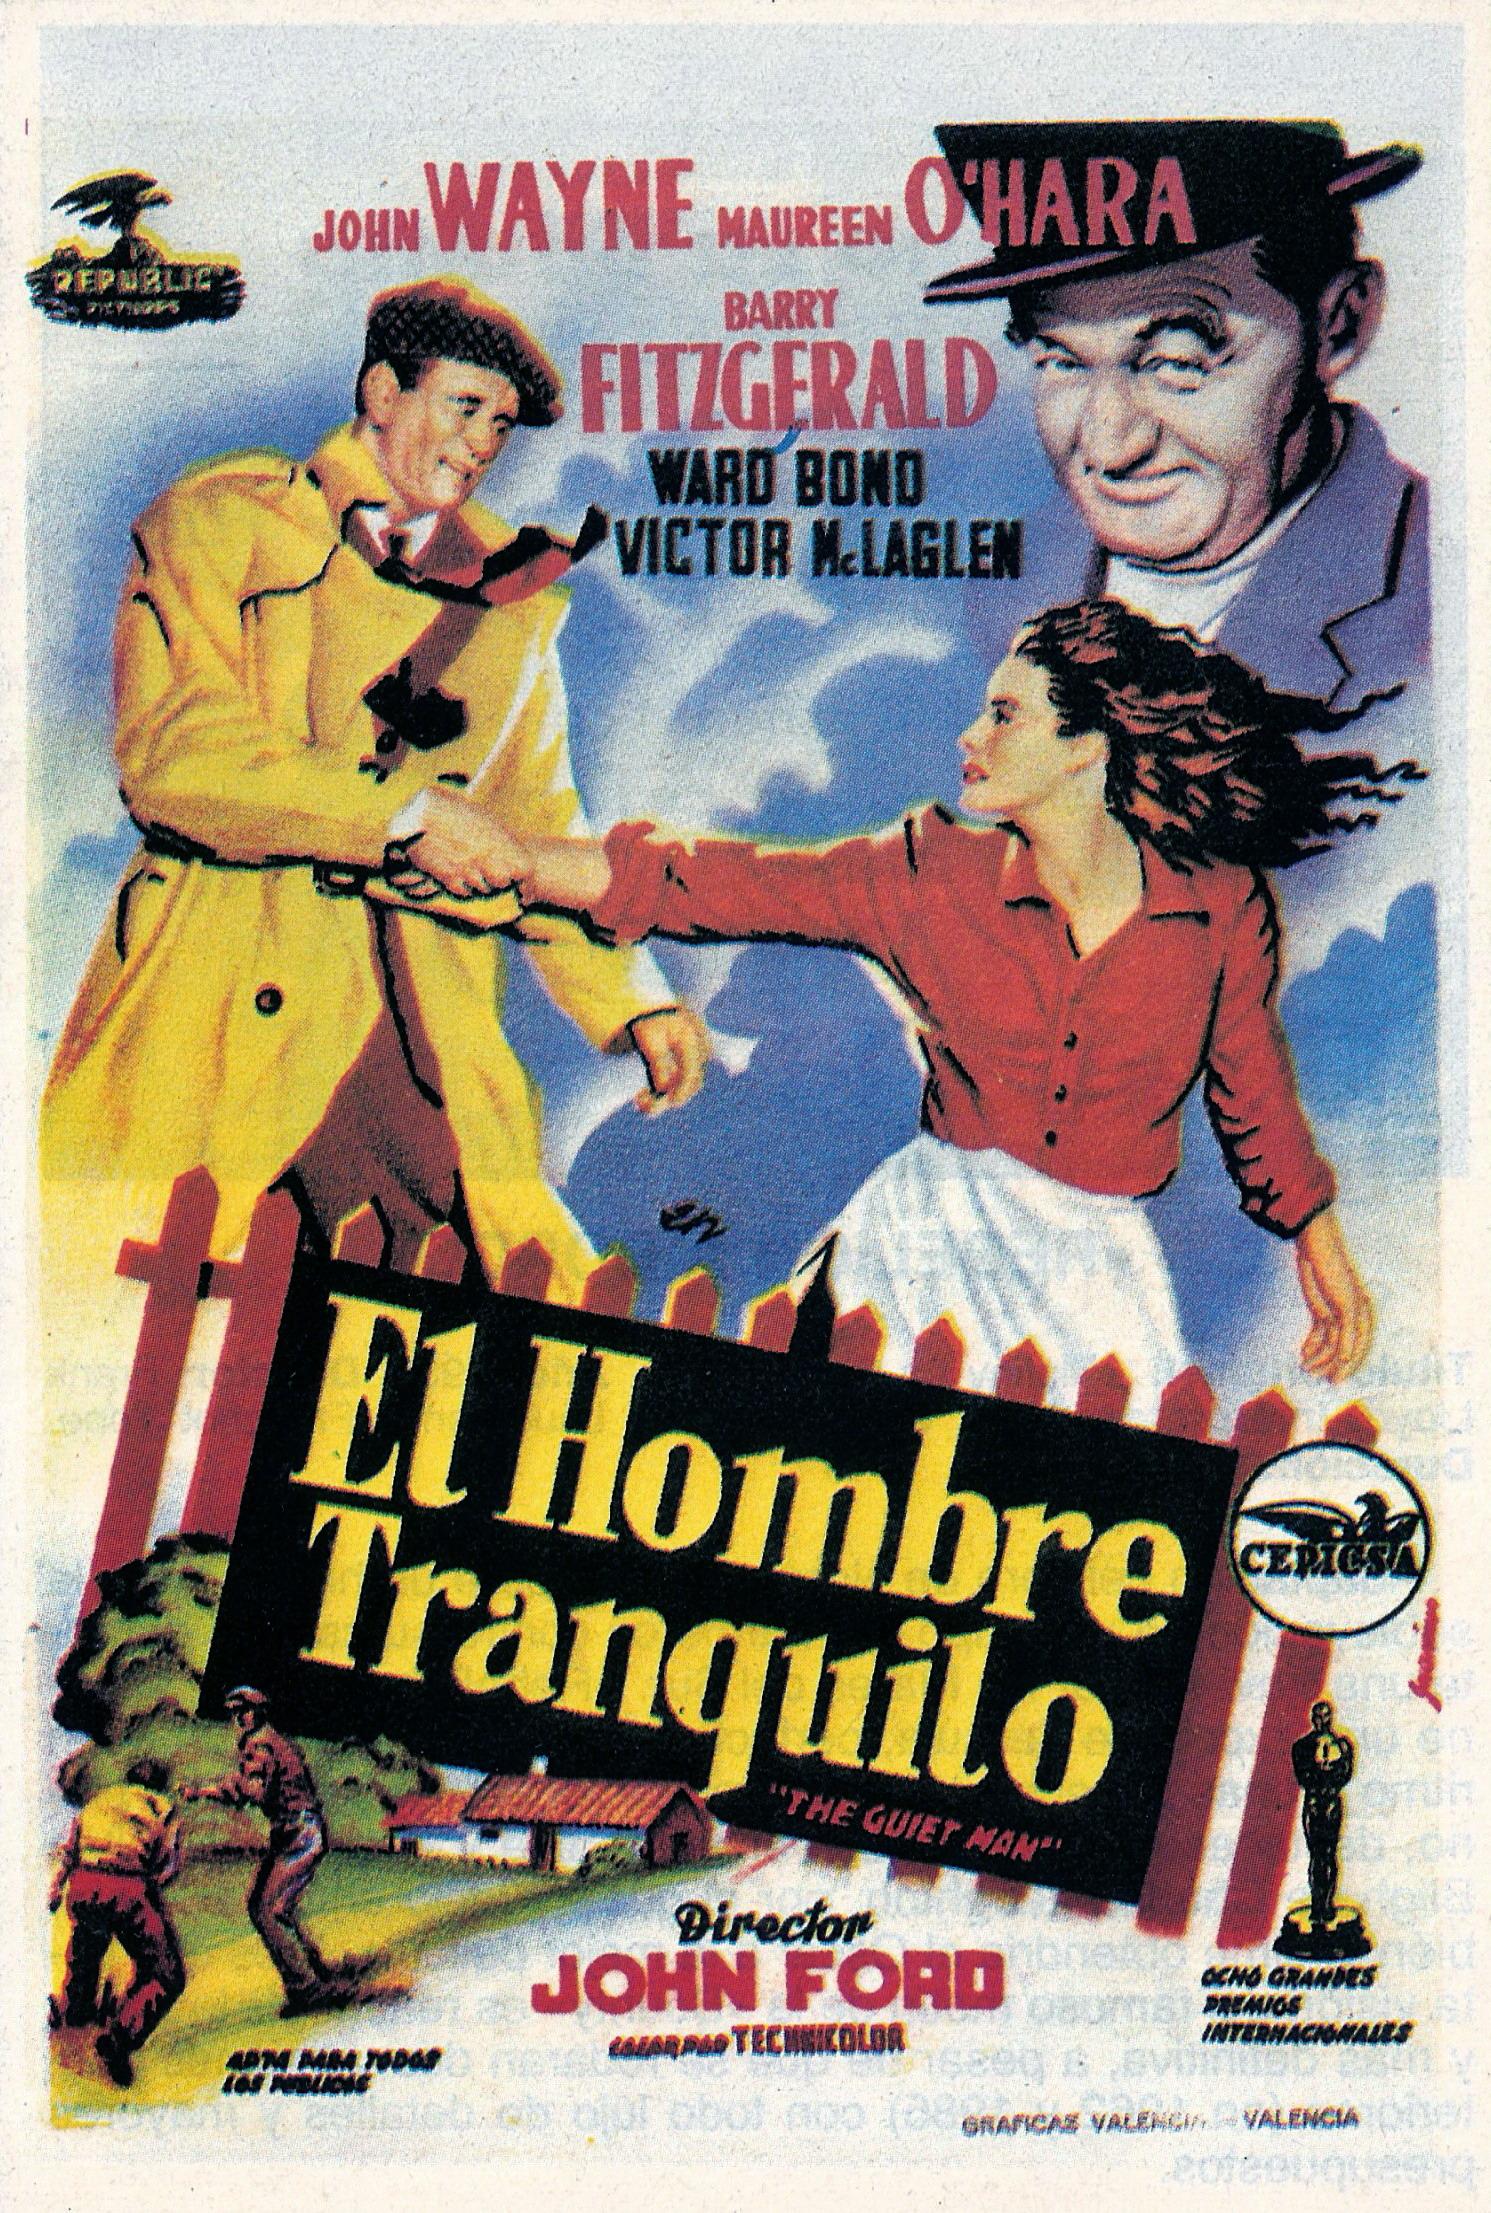 2018 Ford Torino >> El hombre tranquilo (1952) de John Ford : EnClave de Cine